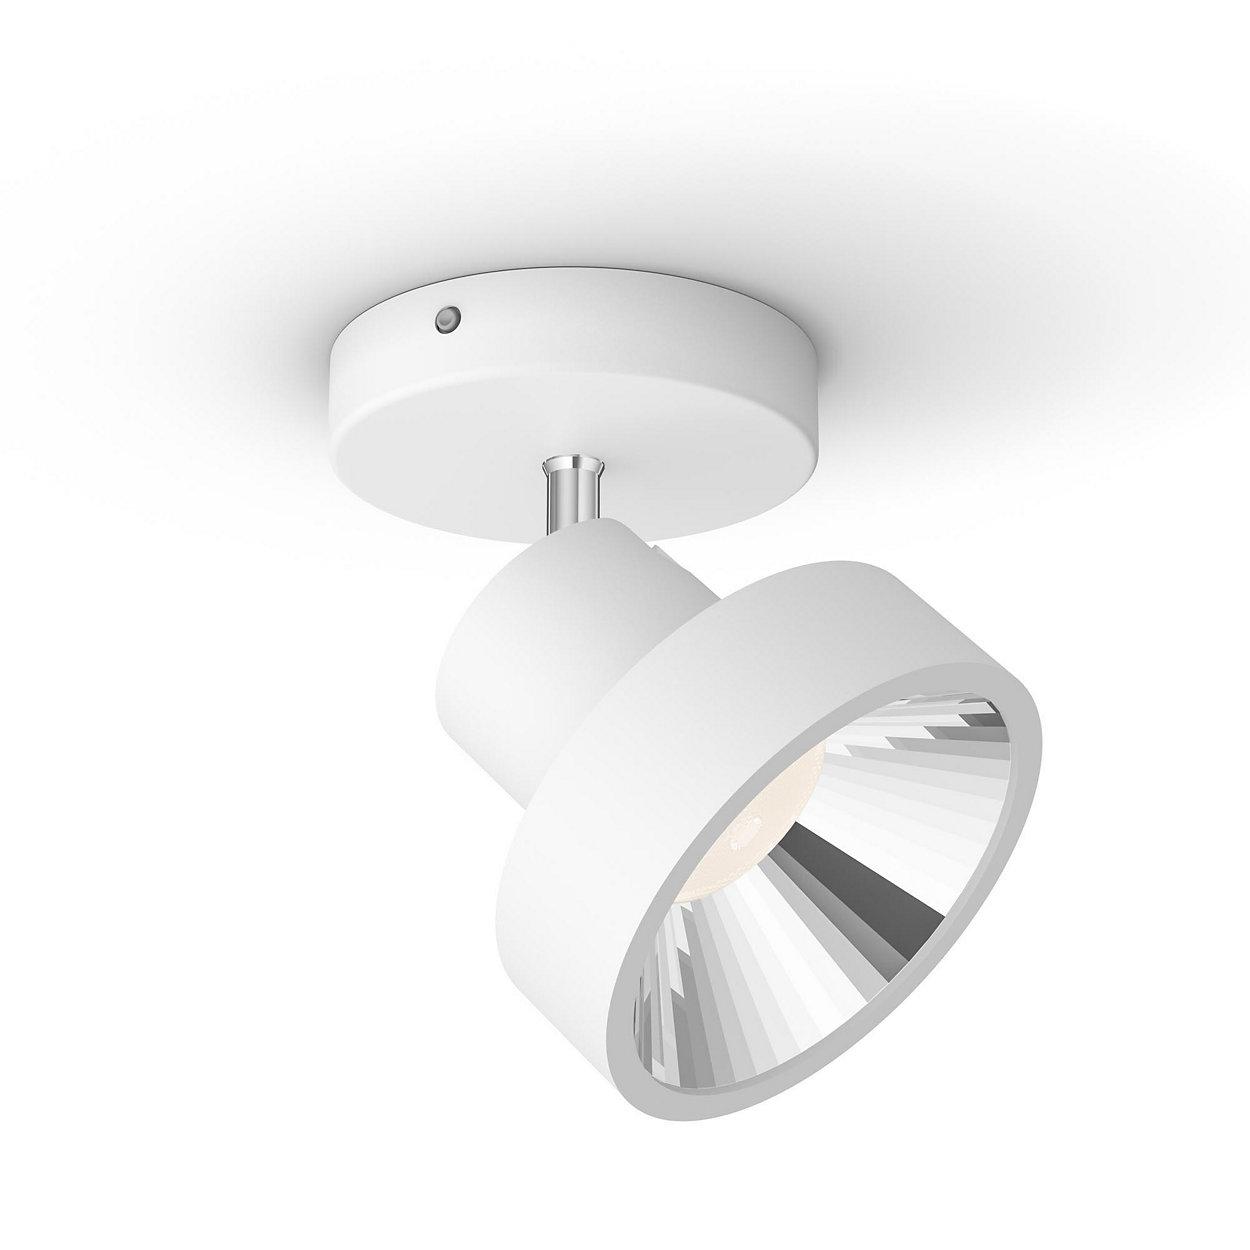 Jedna lampa, standardowy włącznik światła i trzy ustawienia oświetlenia.